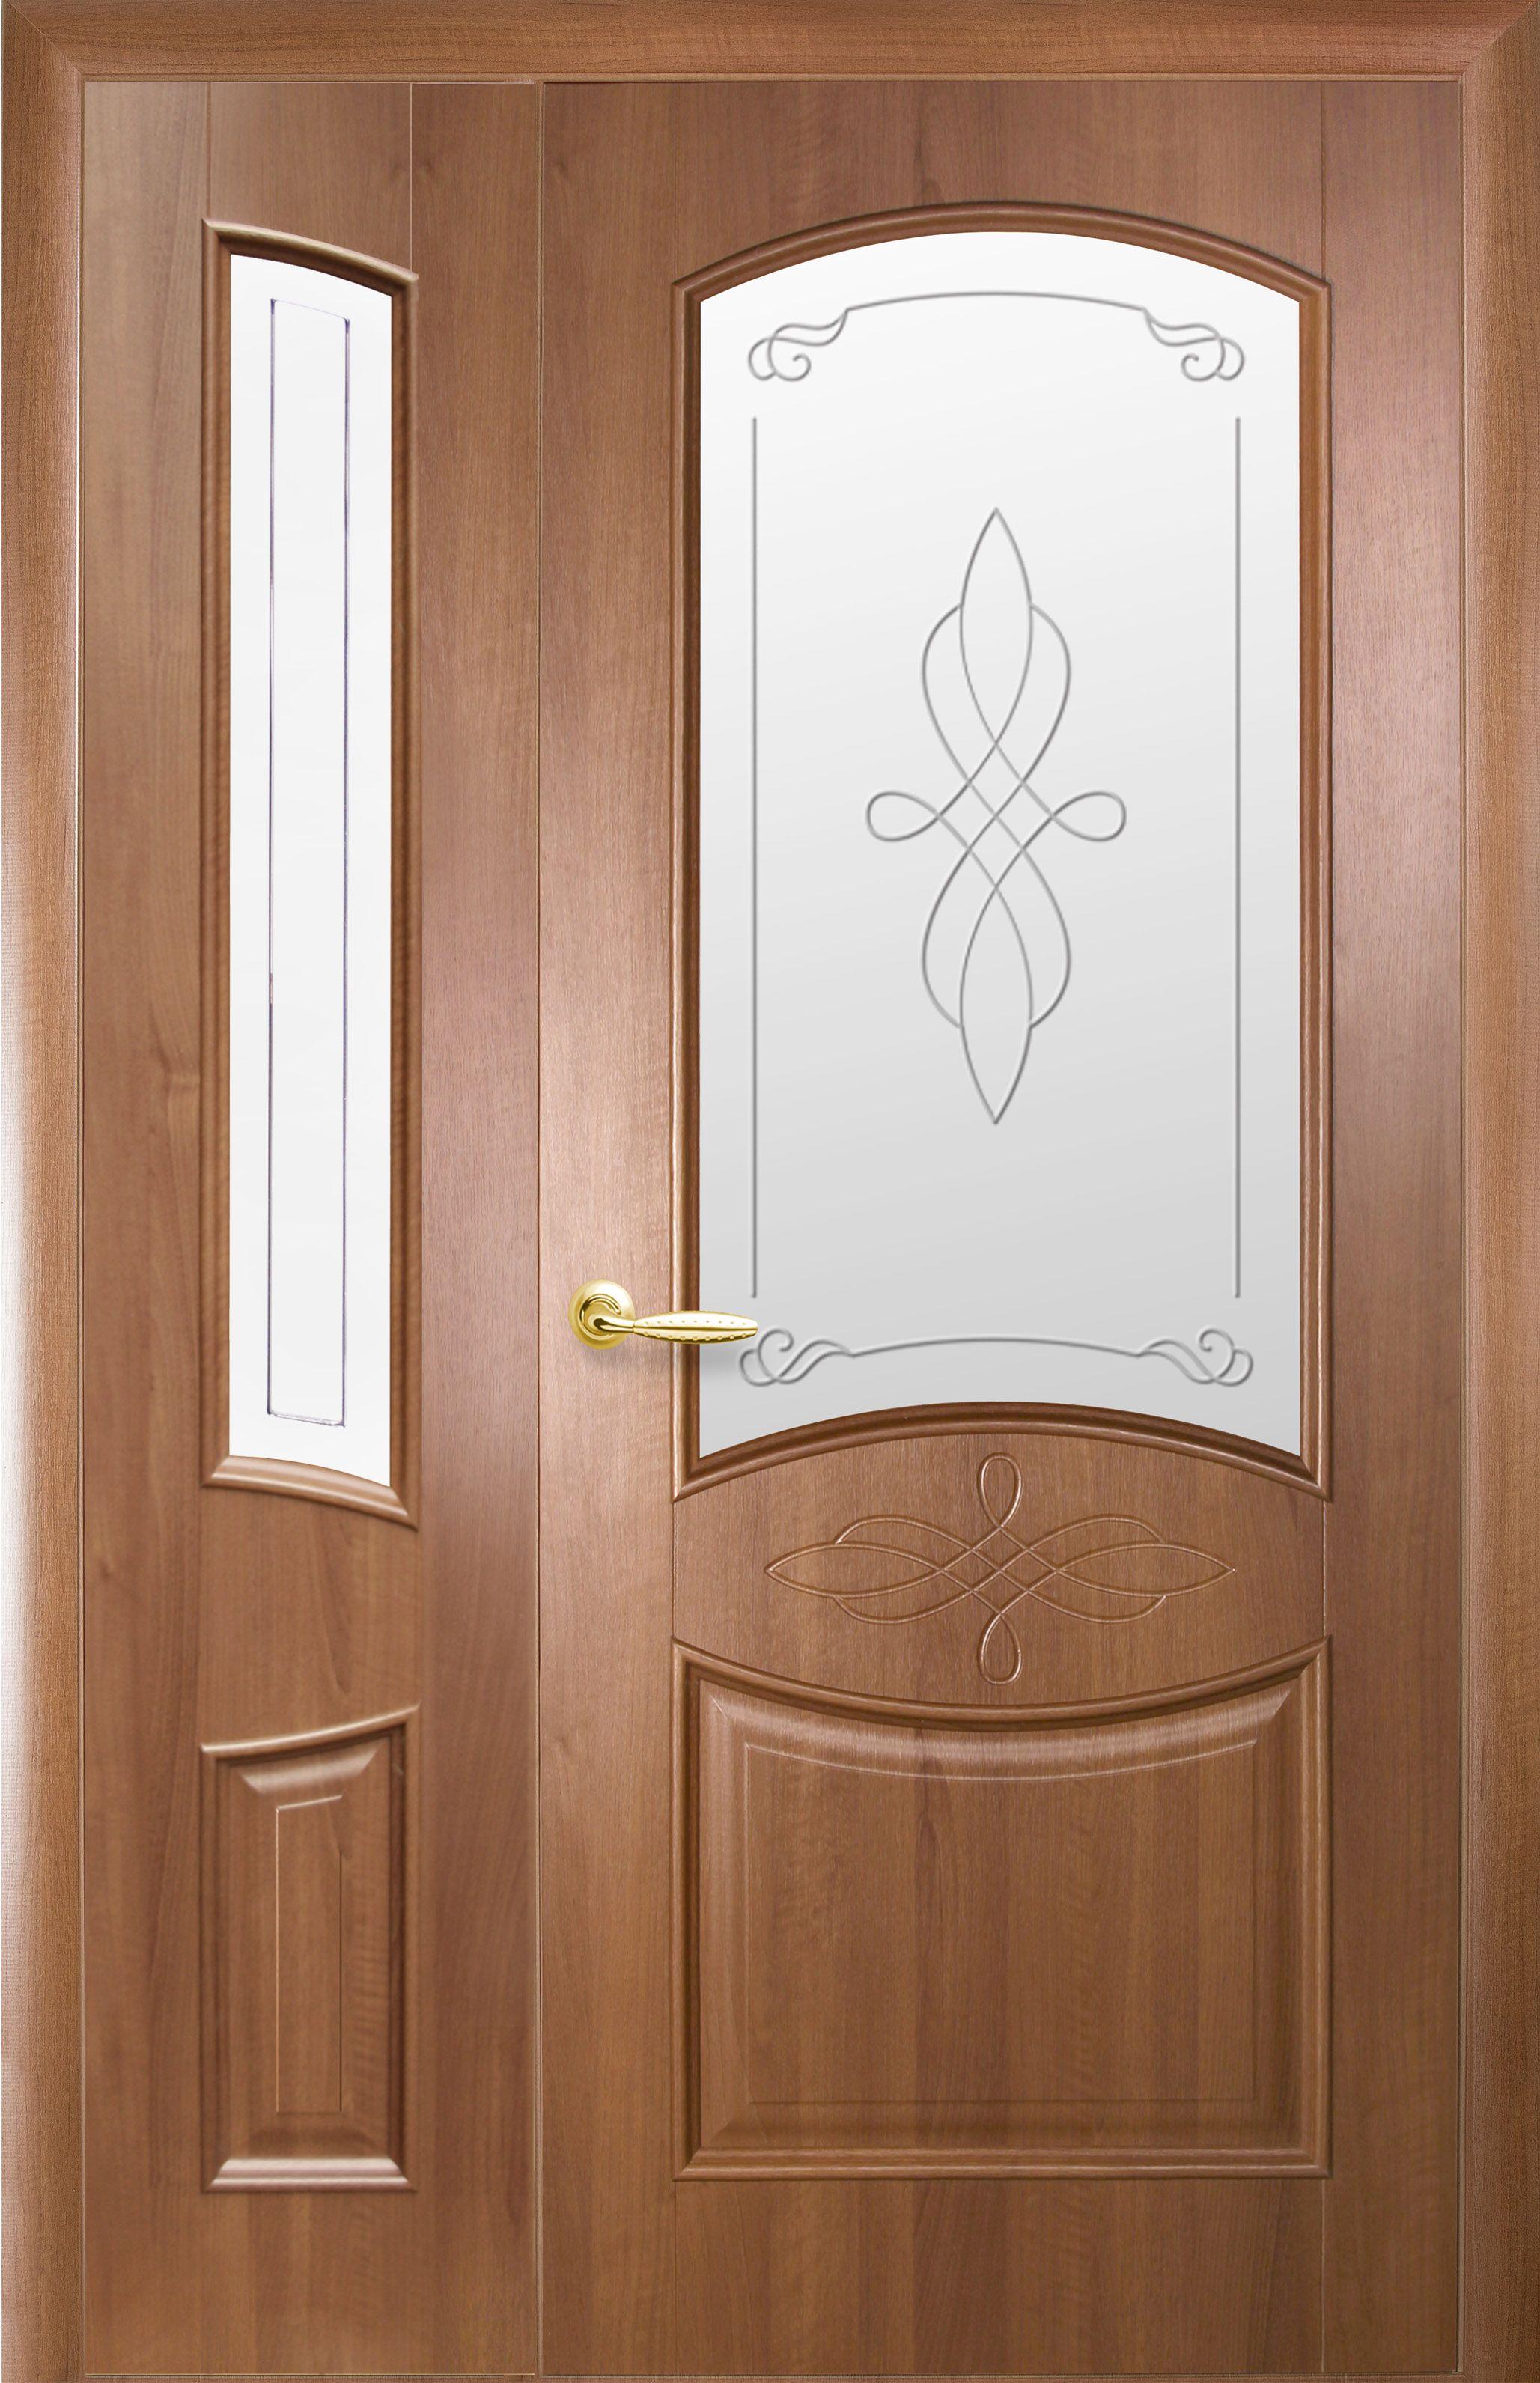 Двойные межкомнатные двери Донна со стеклом сатин и рисунком